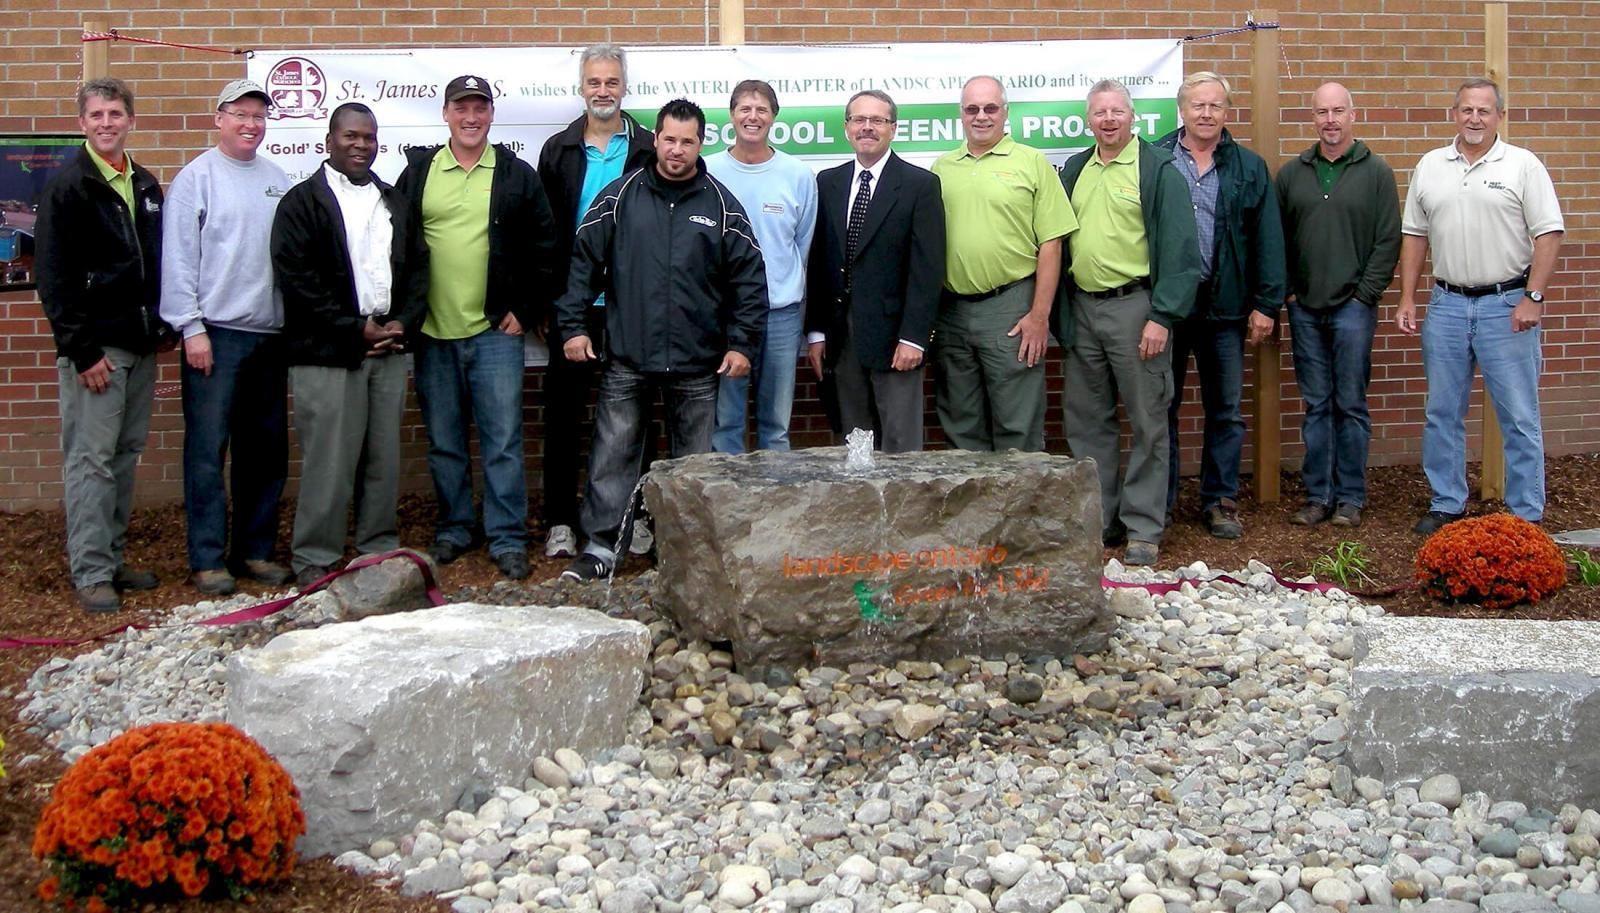 Waterloo Chapter members green another school.